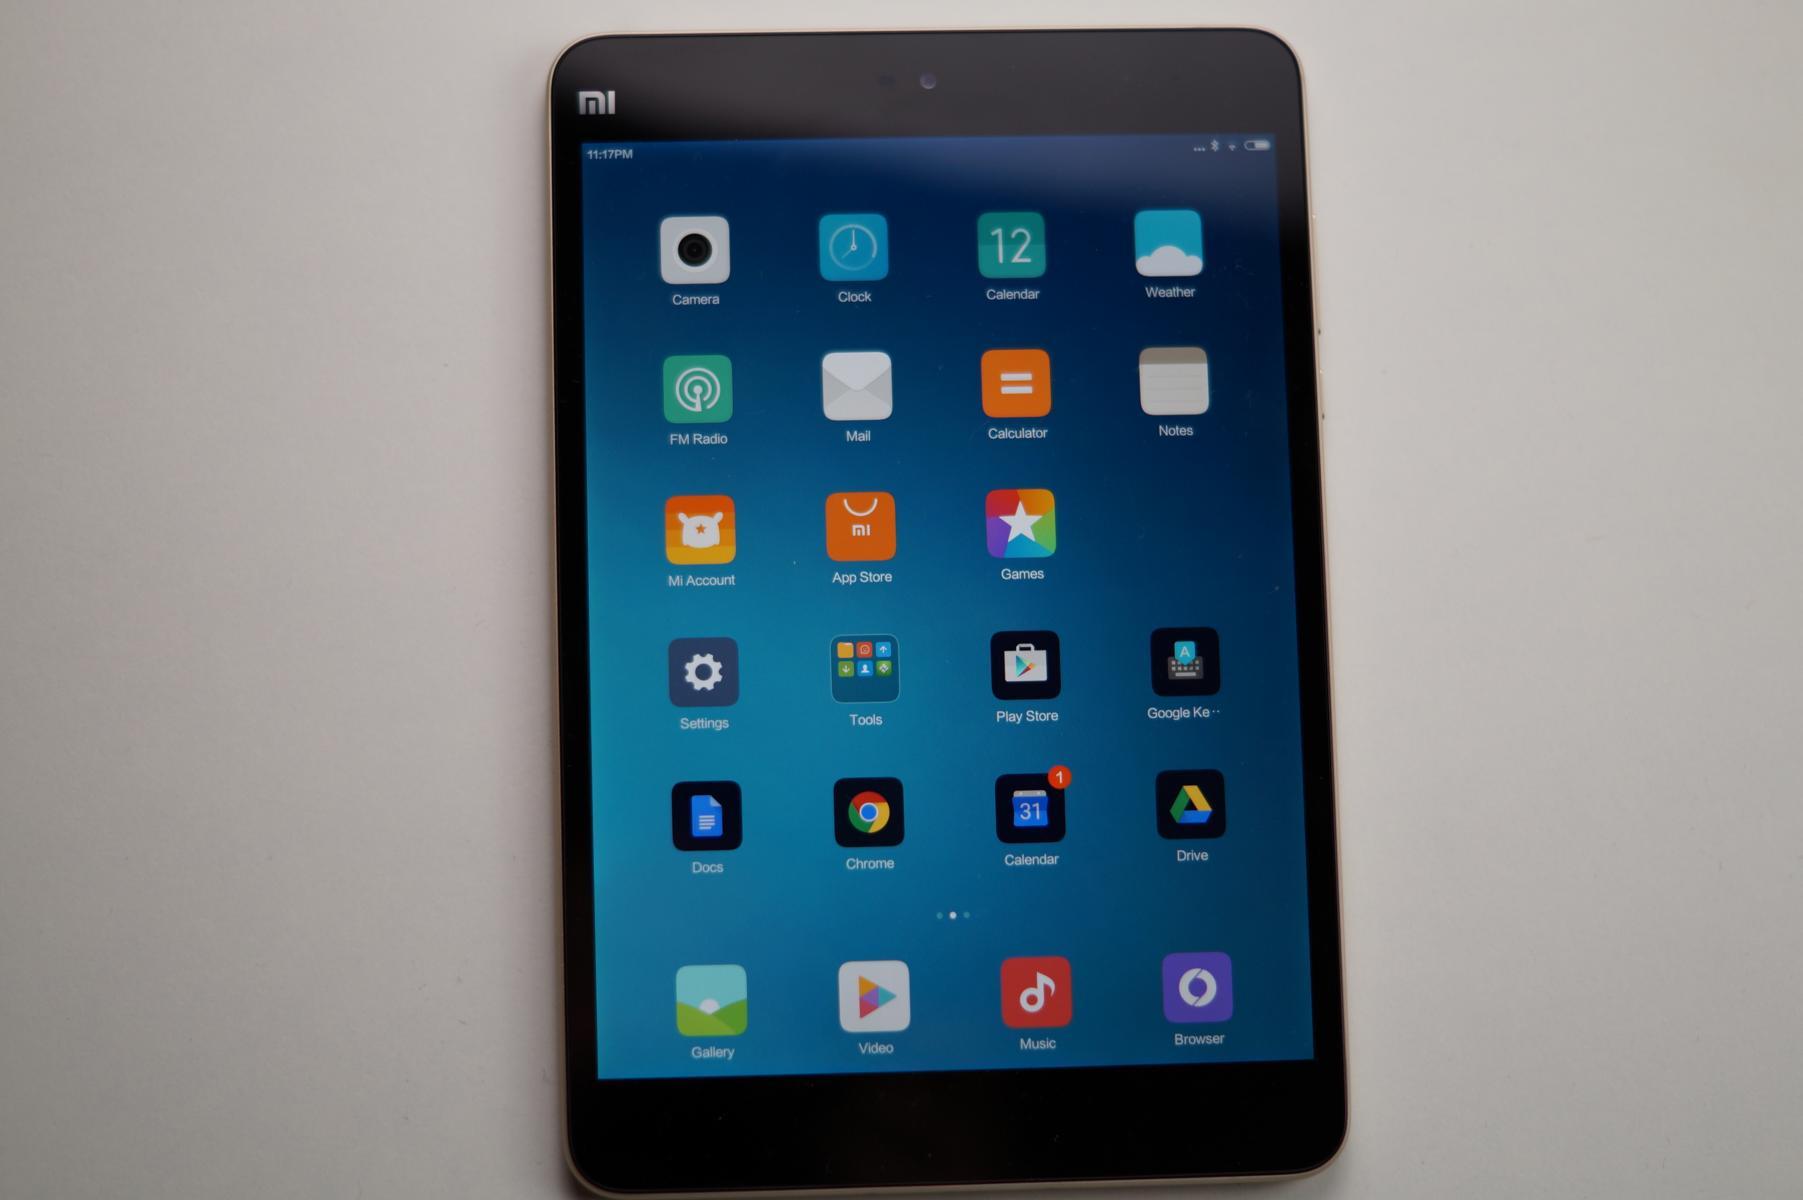 Xiaomi Mi Pad 213